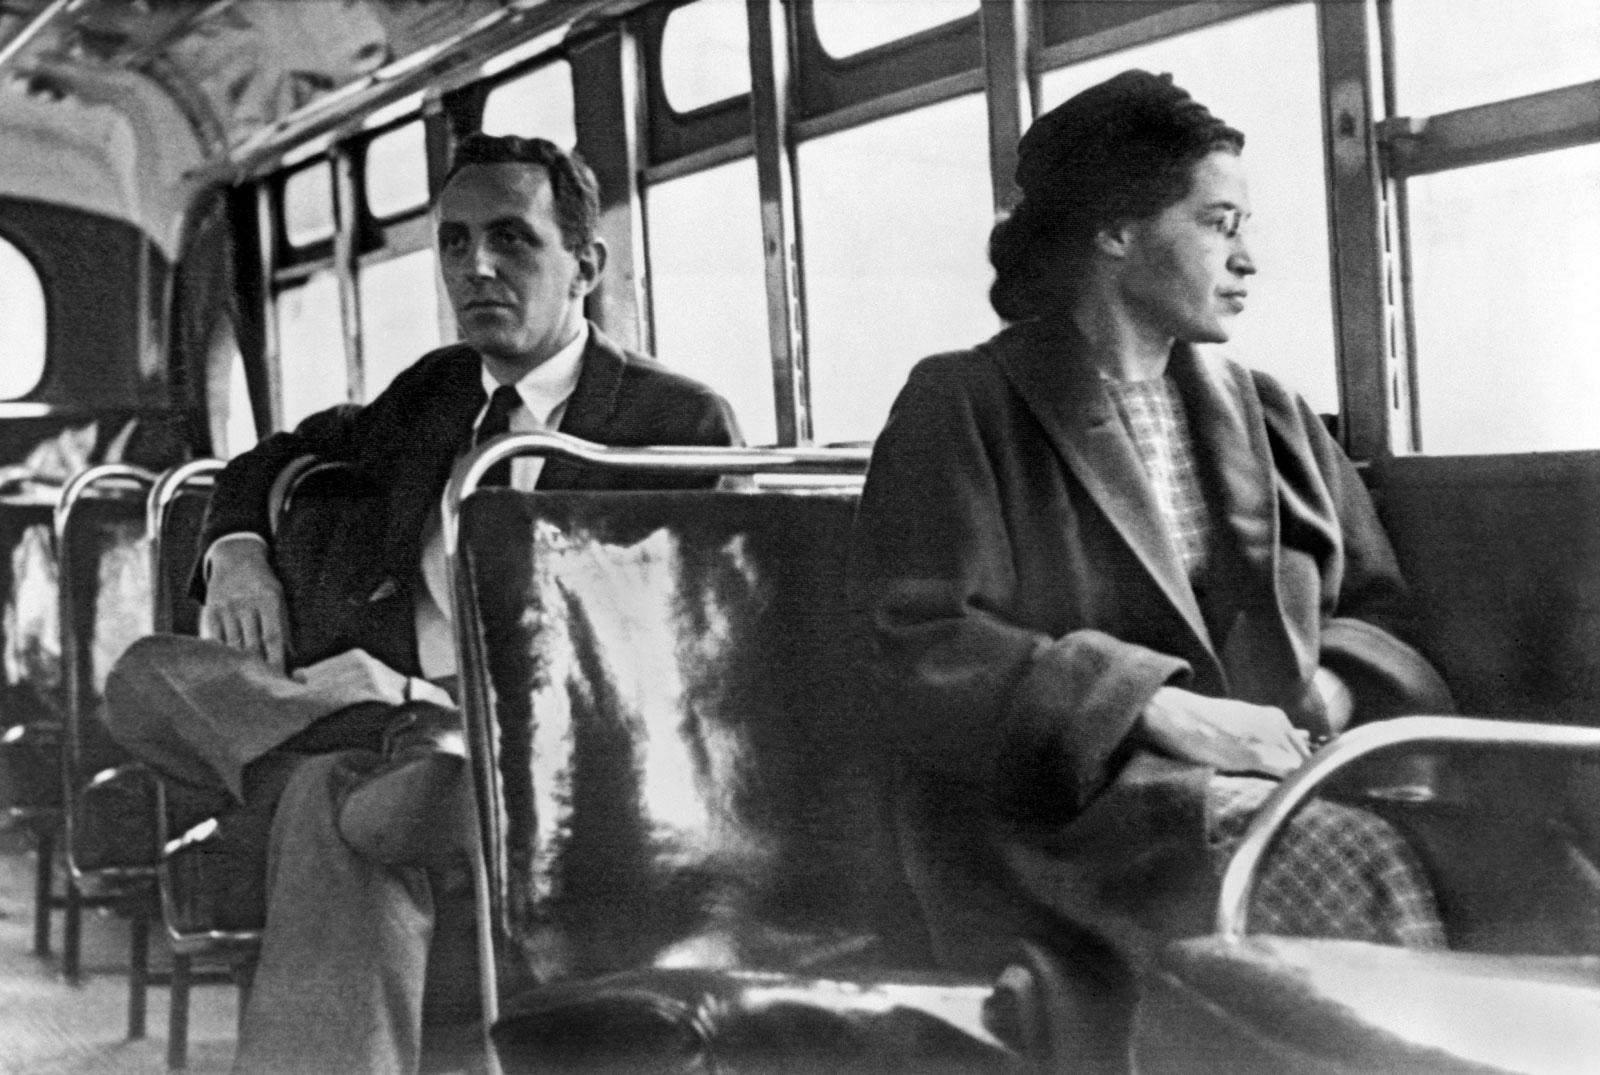 Розу Паркс заарештували через місце в автобусі